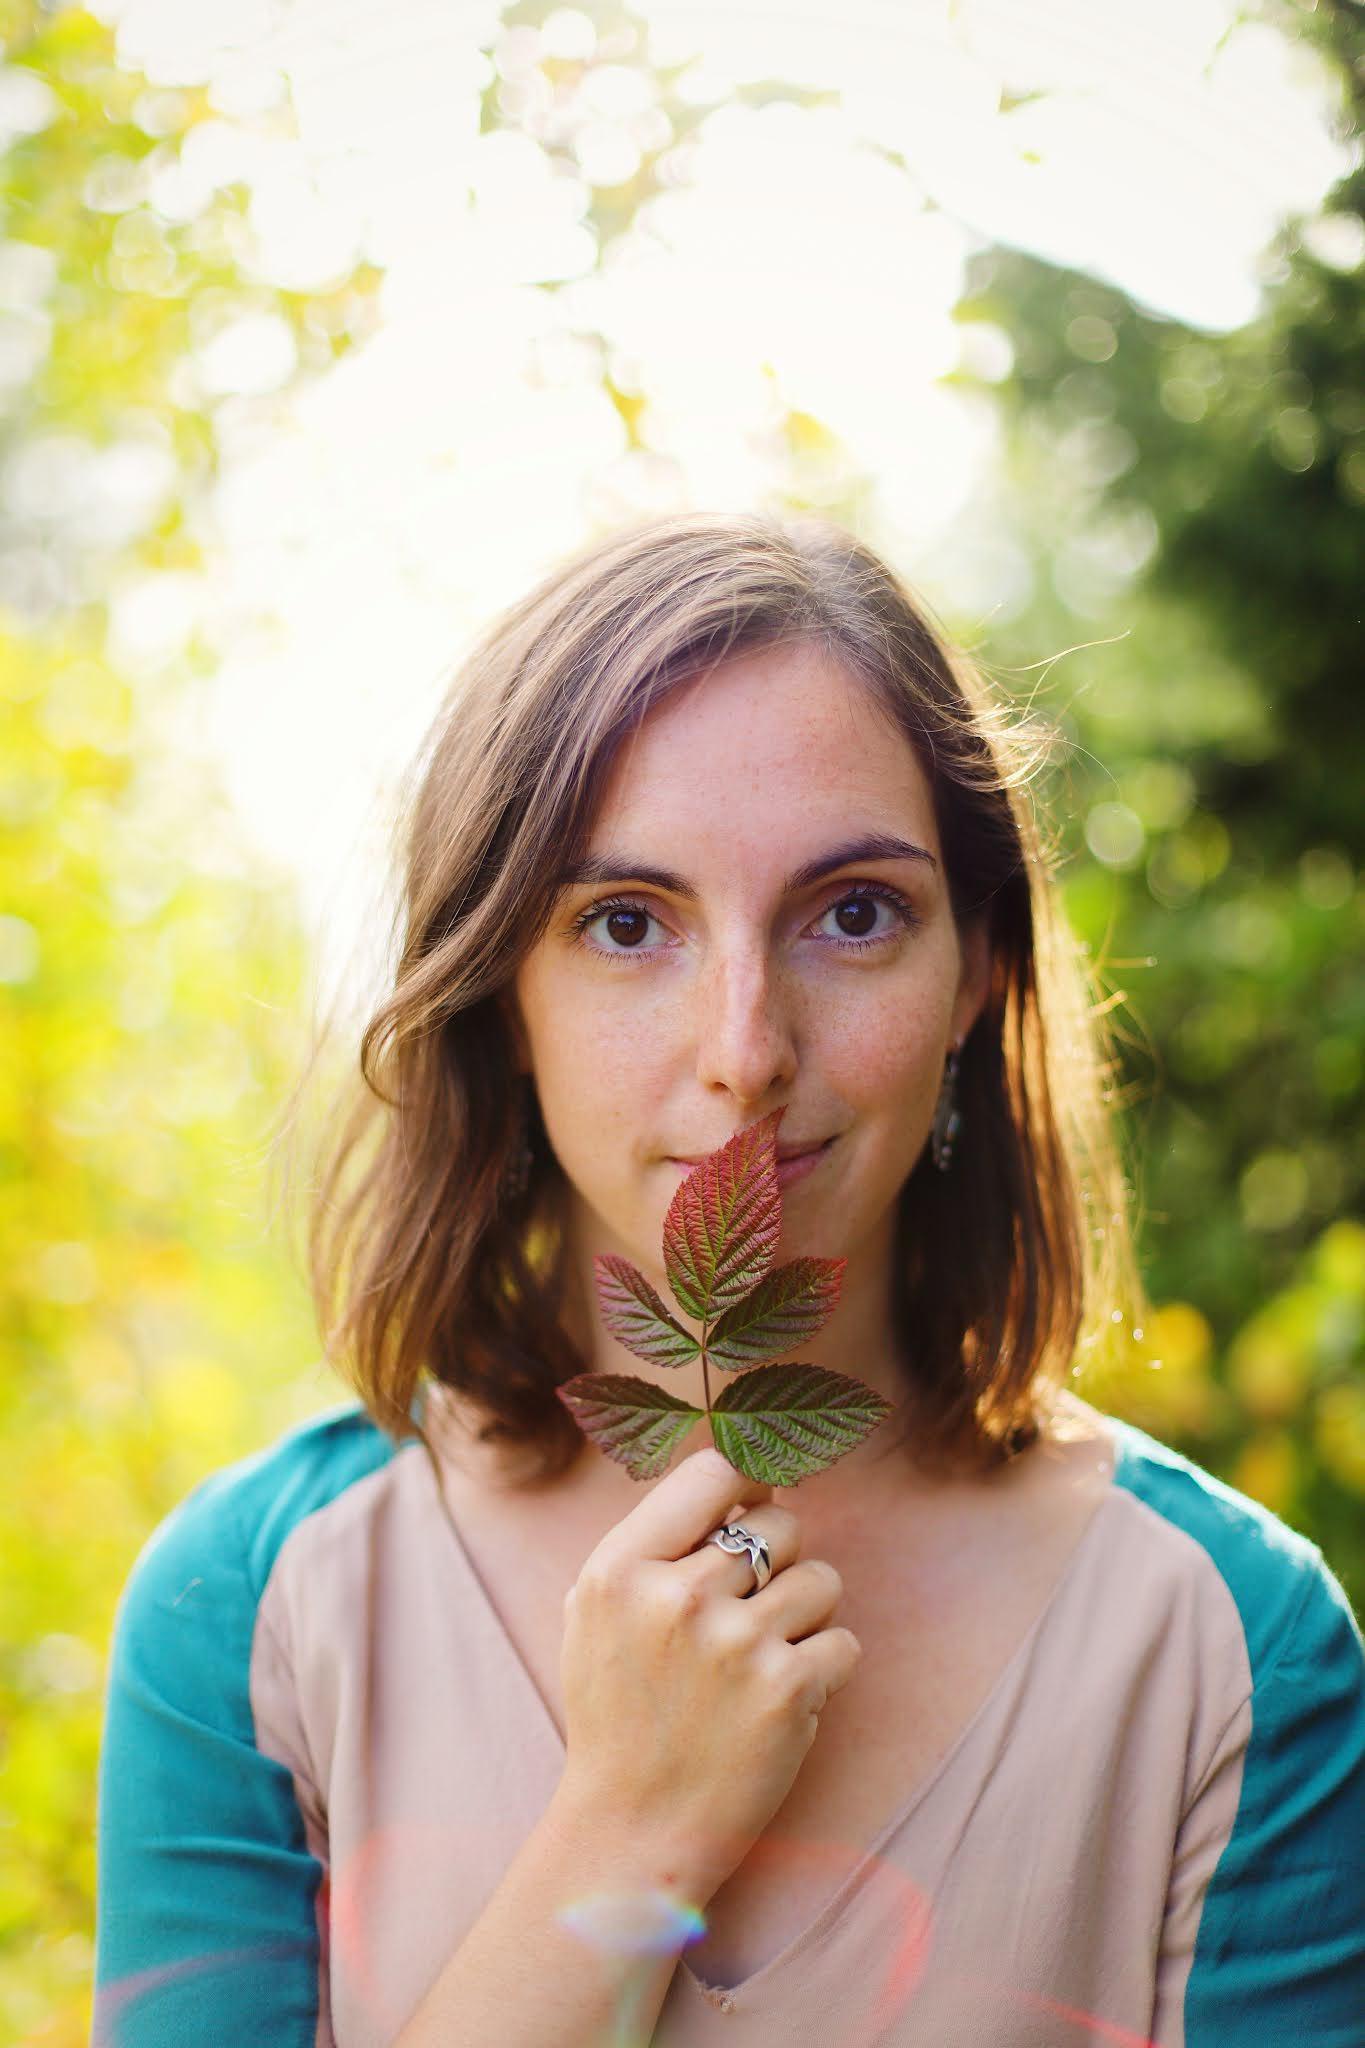 Fotograf Maria-Thérèse Sommar, afiori, Härnösand www.afiori.com